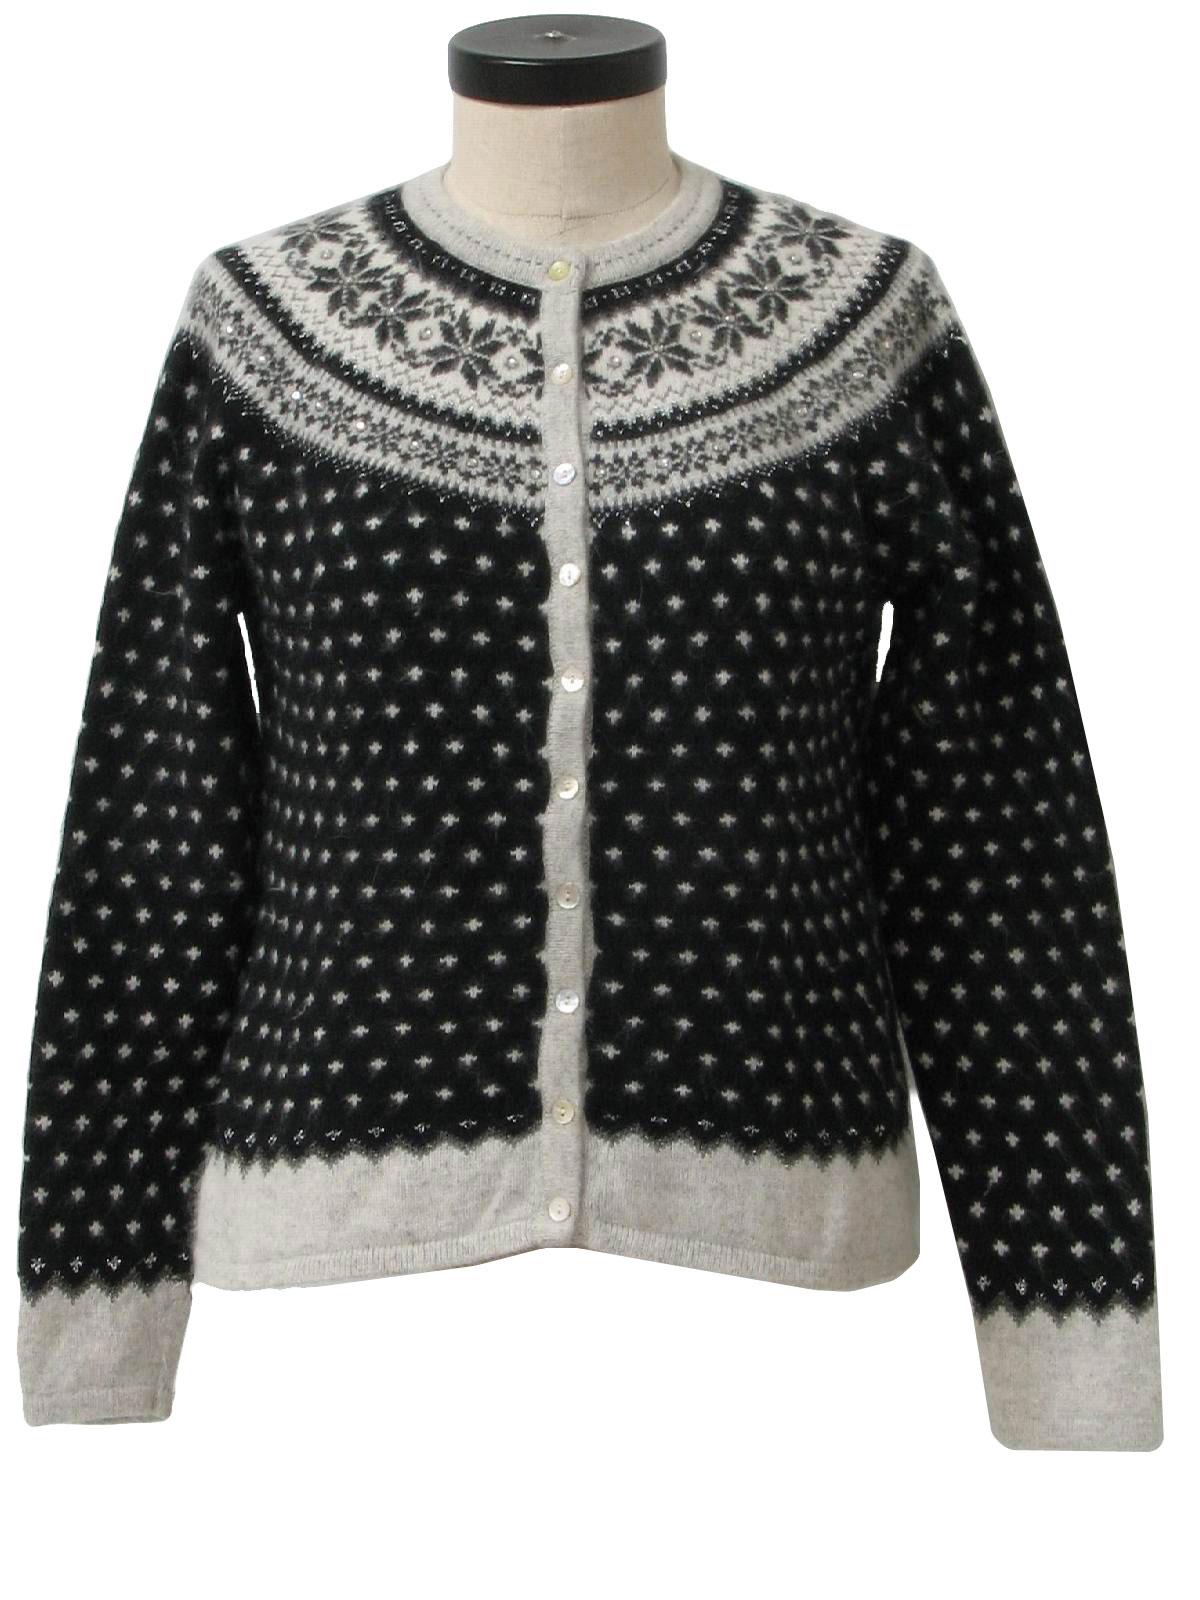 Jillian Jones 90 S Vintage Sweater 90s Jillian Jones